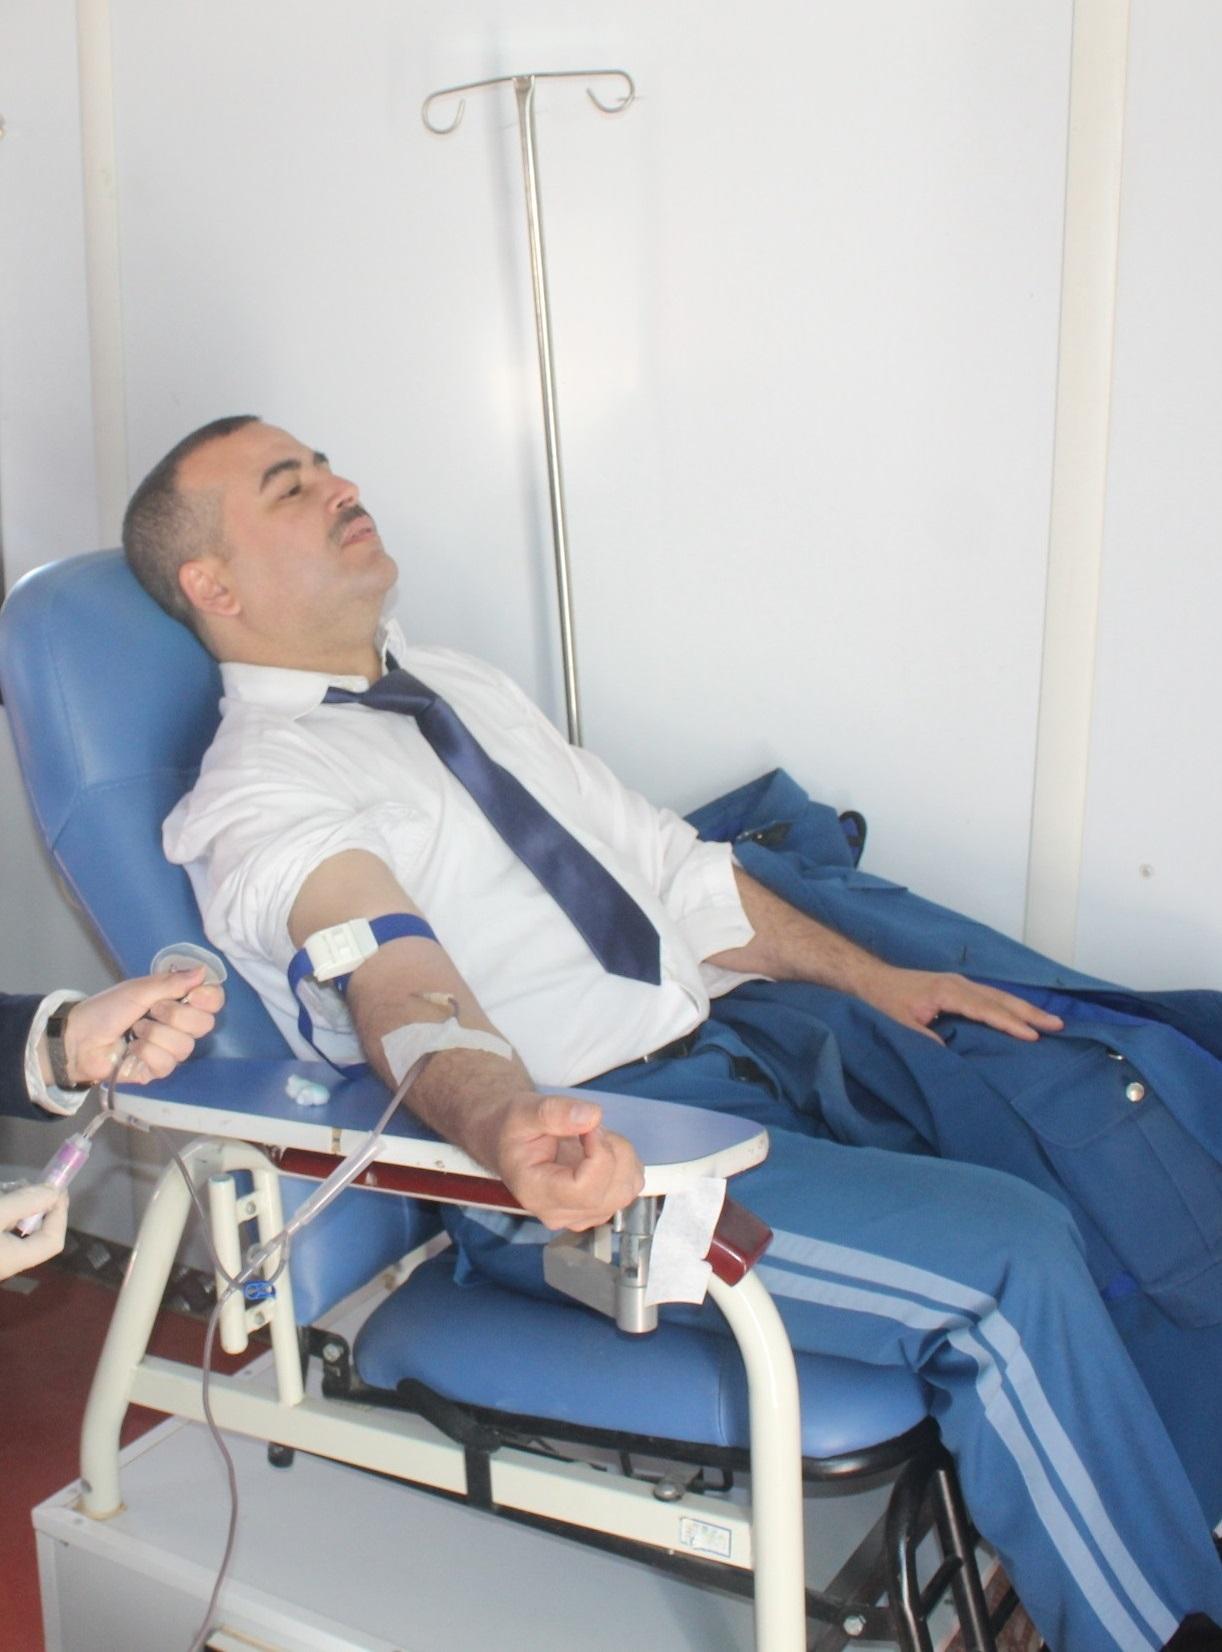 صورة أشرف على انطلاق الحملة خليفة أونيسي: المديرية العامة للأمن الوطني تطلق حملة وطنية للتبرع بالدم